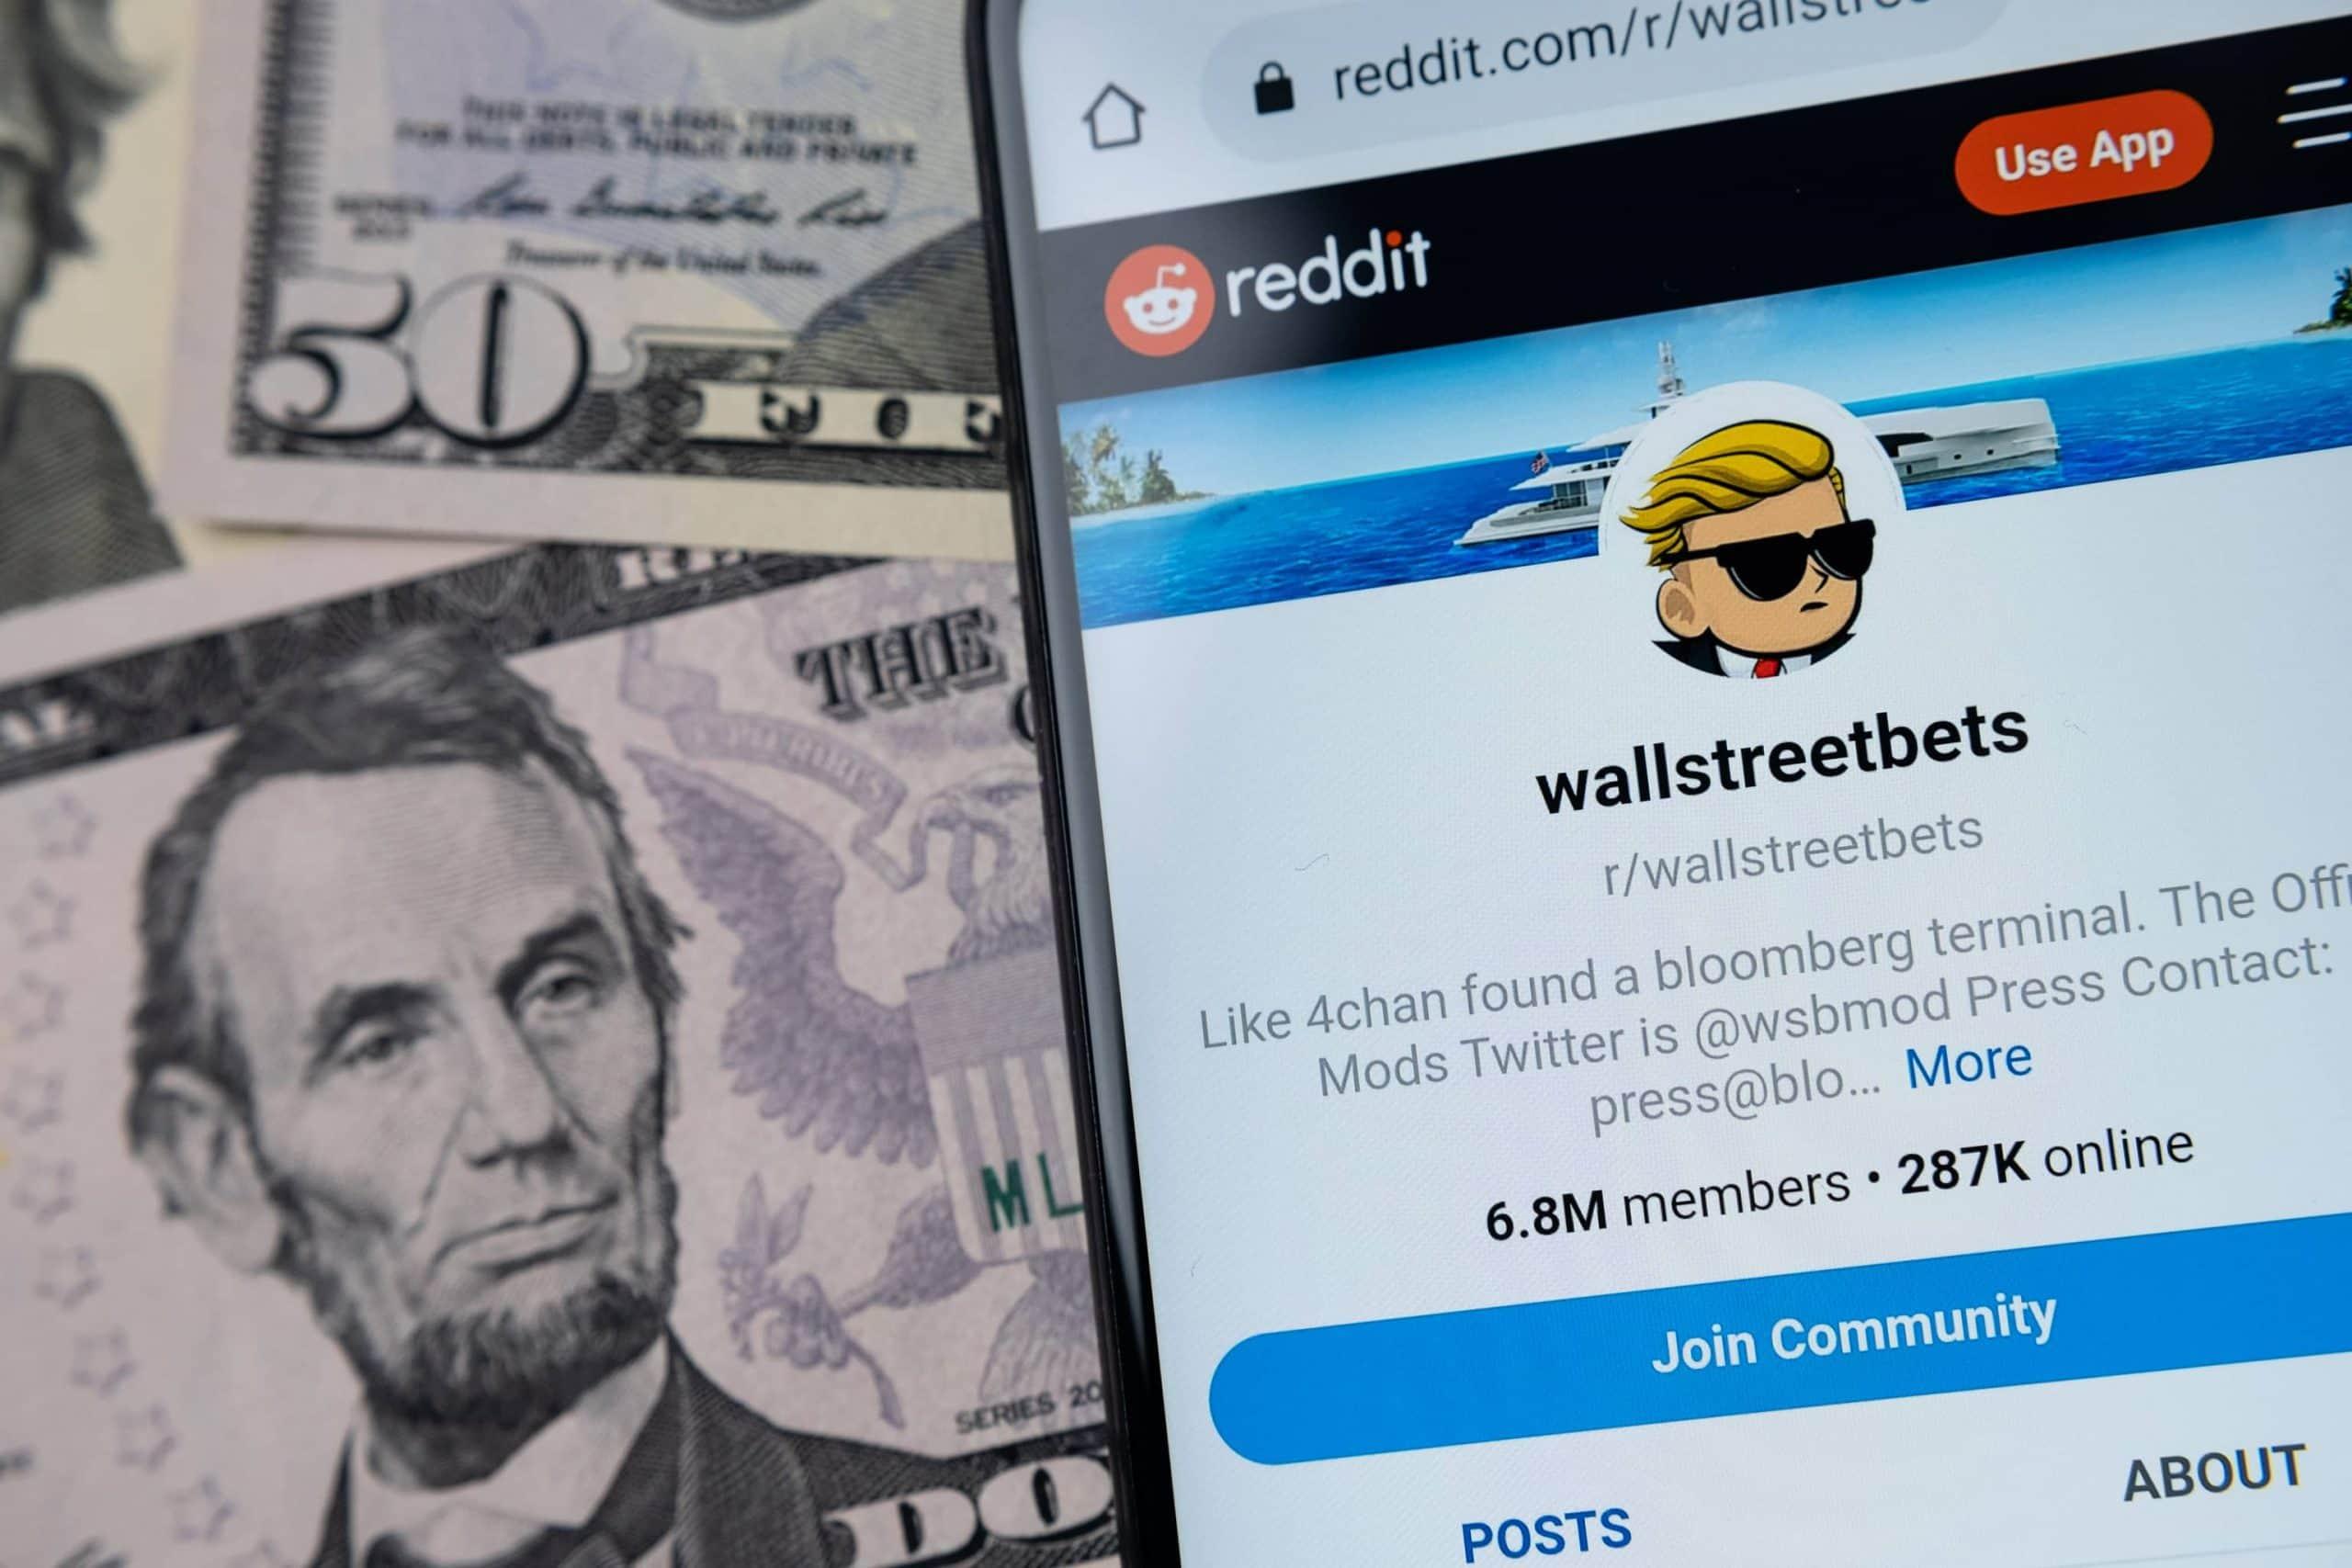 Ein Smartphone-Bildschirm liegt neben mehreren Dollar-Noten. Auf dem Bildschirm ist die Reddit-Seite der WallStreetBets zu sehen.